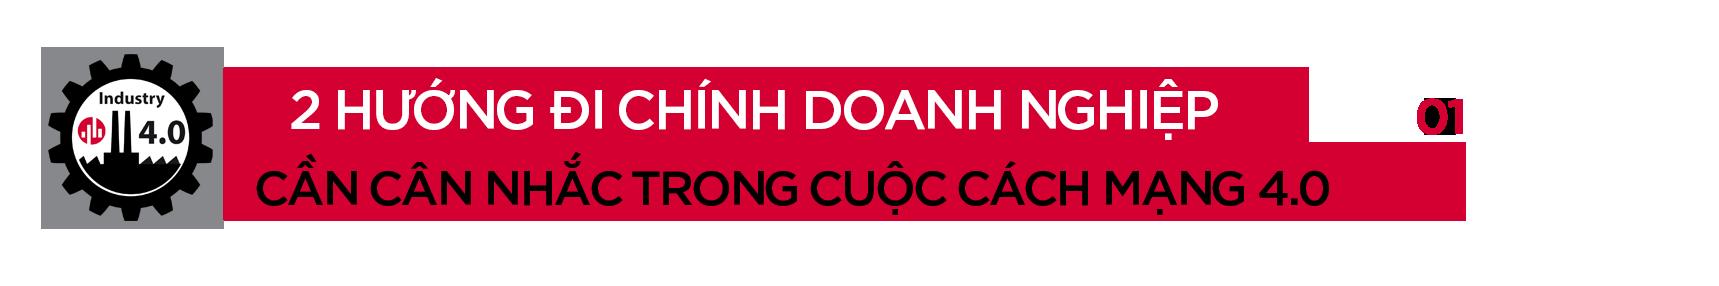 Chuyên gia McKinsey Việt Nam giải mã tính phức tạp của mô hình tăng trưởng kinh tế số so với kinh tế truyền thống - Ảnh 1.